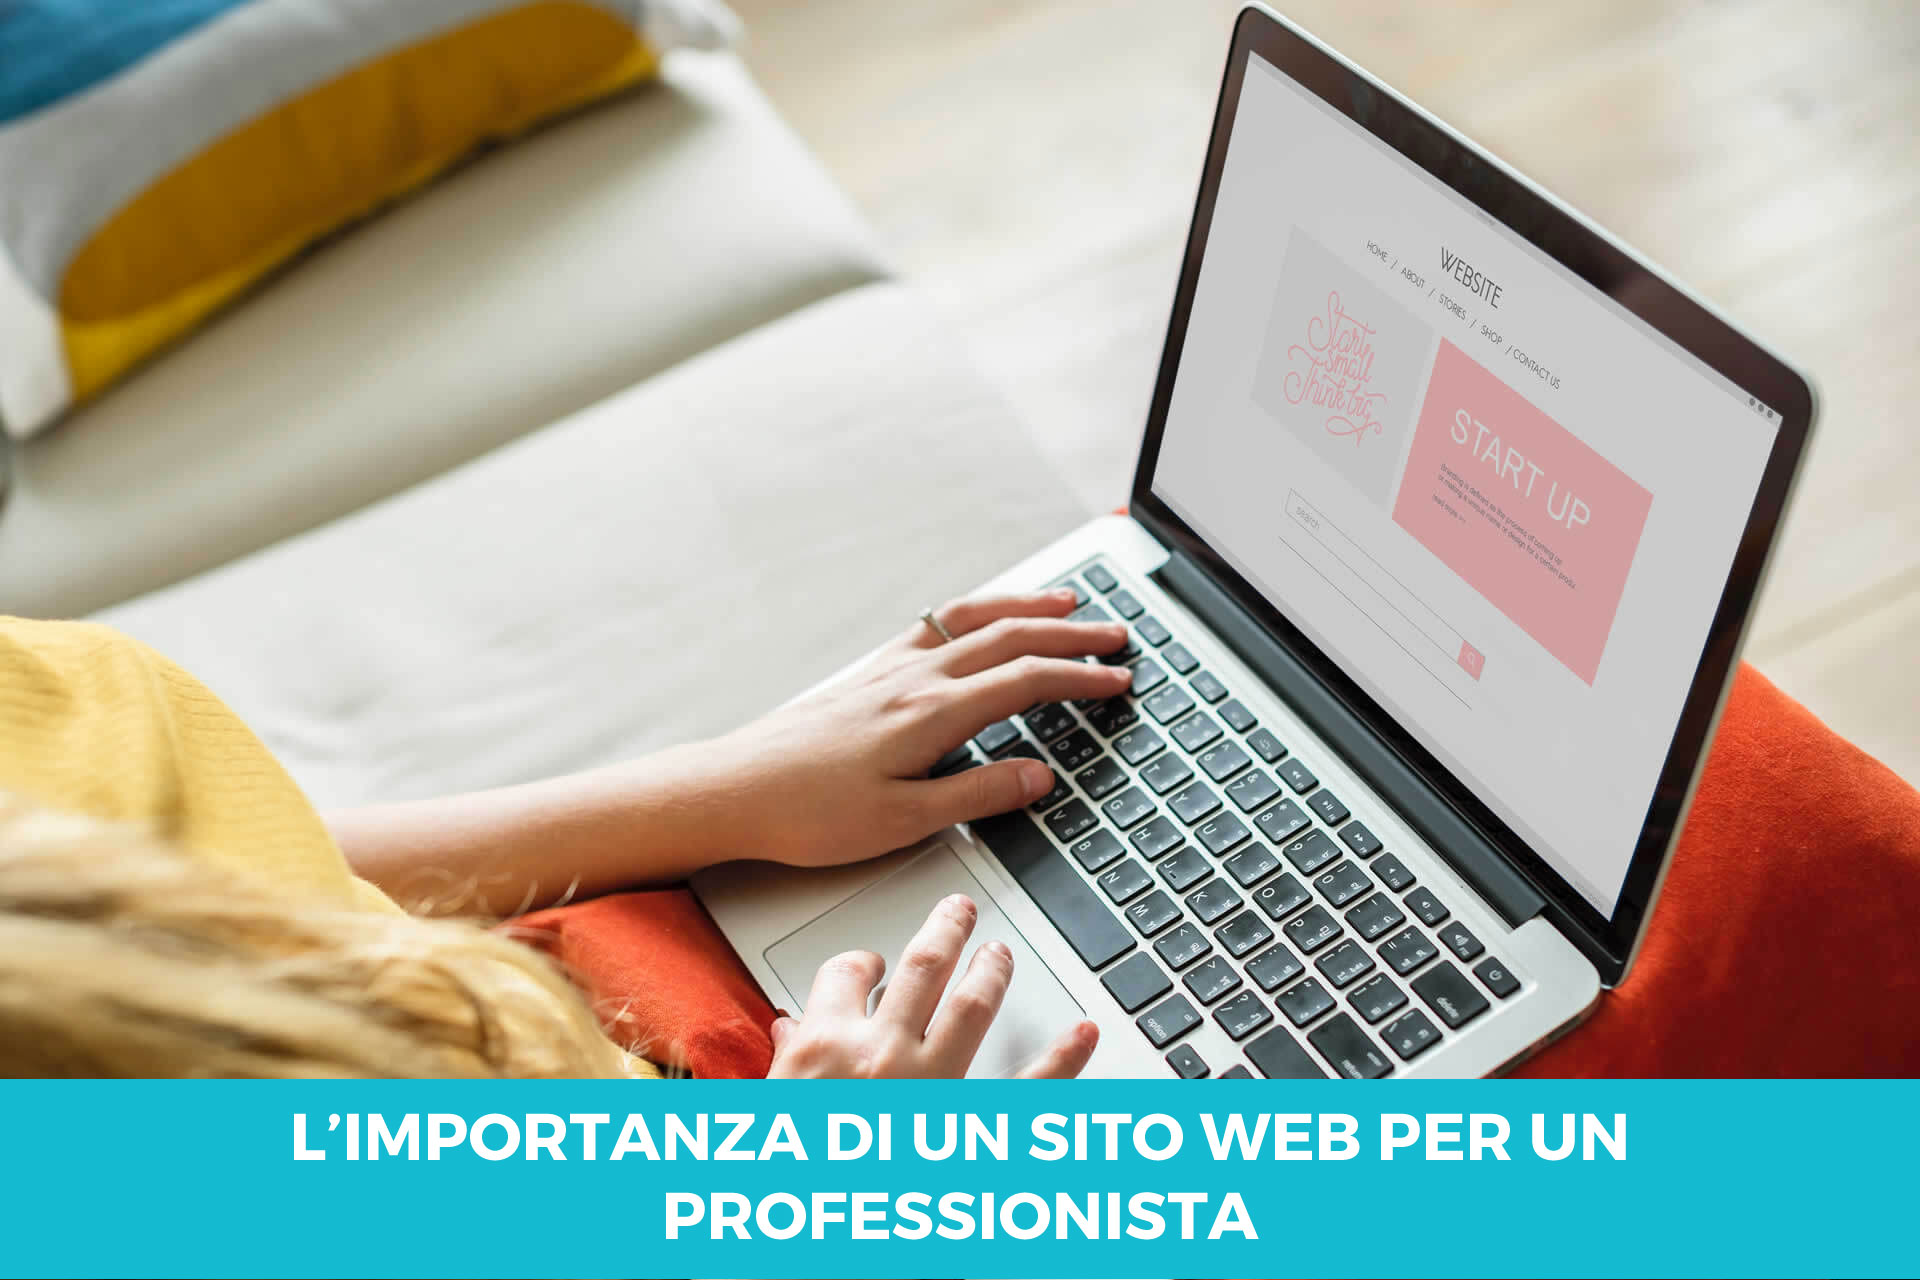 l-importanza-di-un-sito-web-per-un-professionista-lv-design-realizzazione-siti-web-bologna